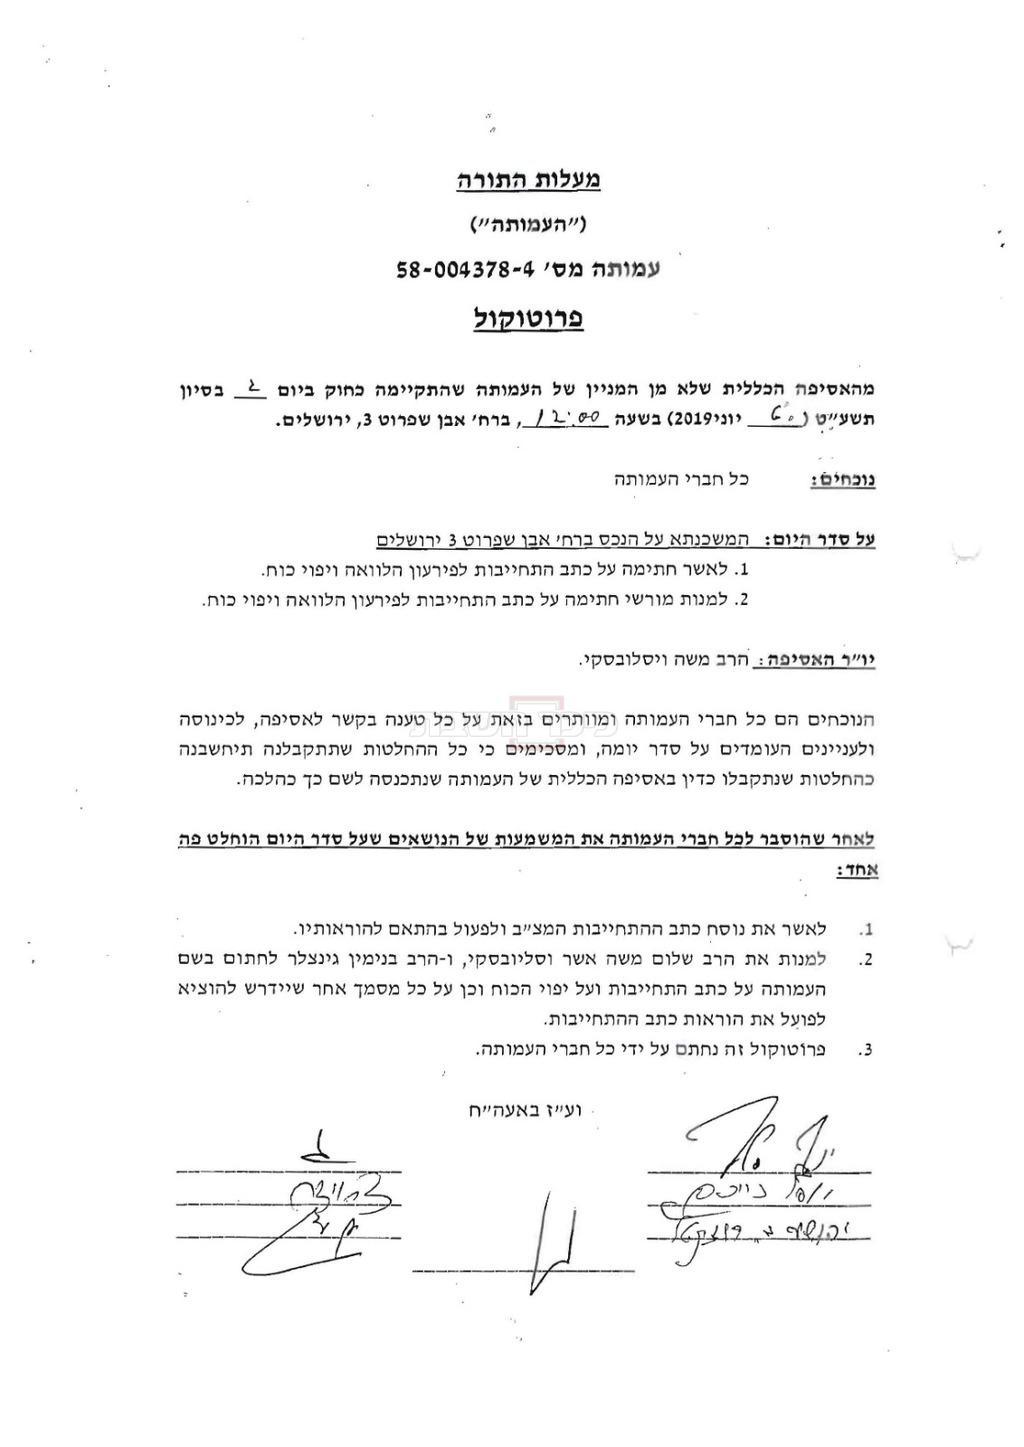 המכתב עליו חתם יוסף פטרוב לפינוי הישיבה (מתוך אתר העמותות של ישראל ''גיידסטאר'')